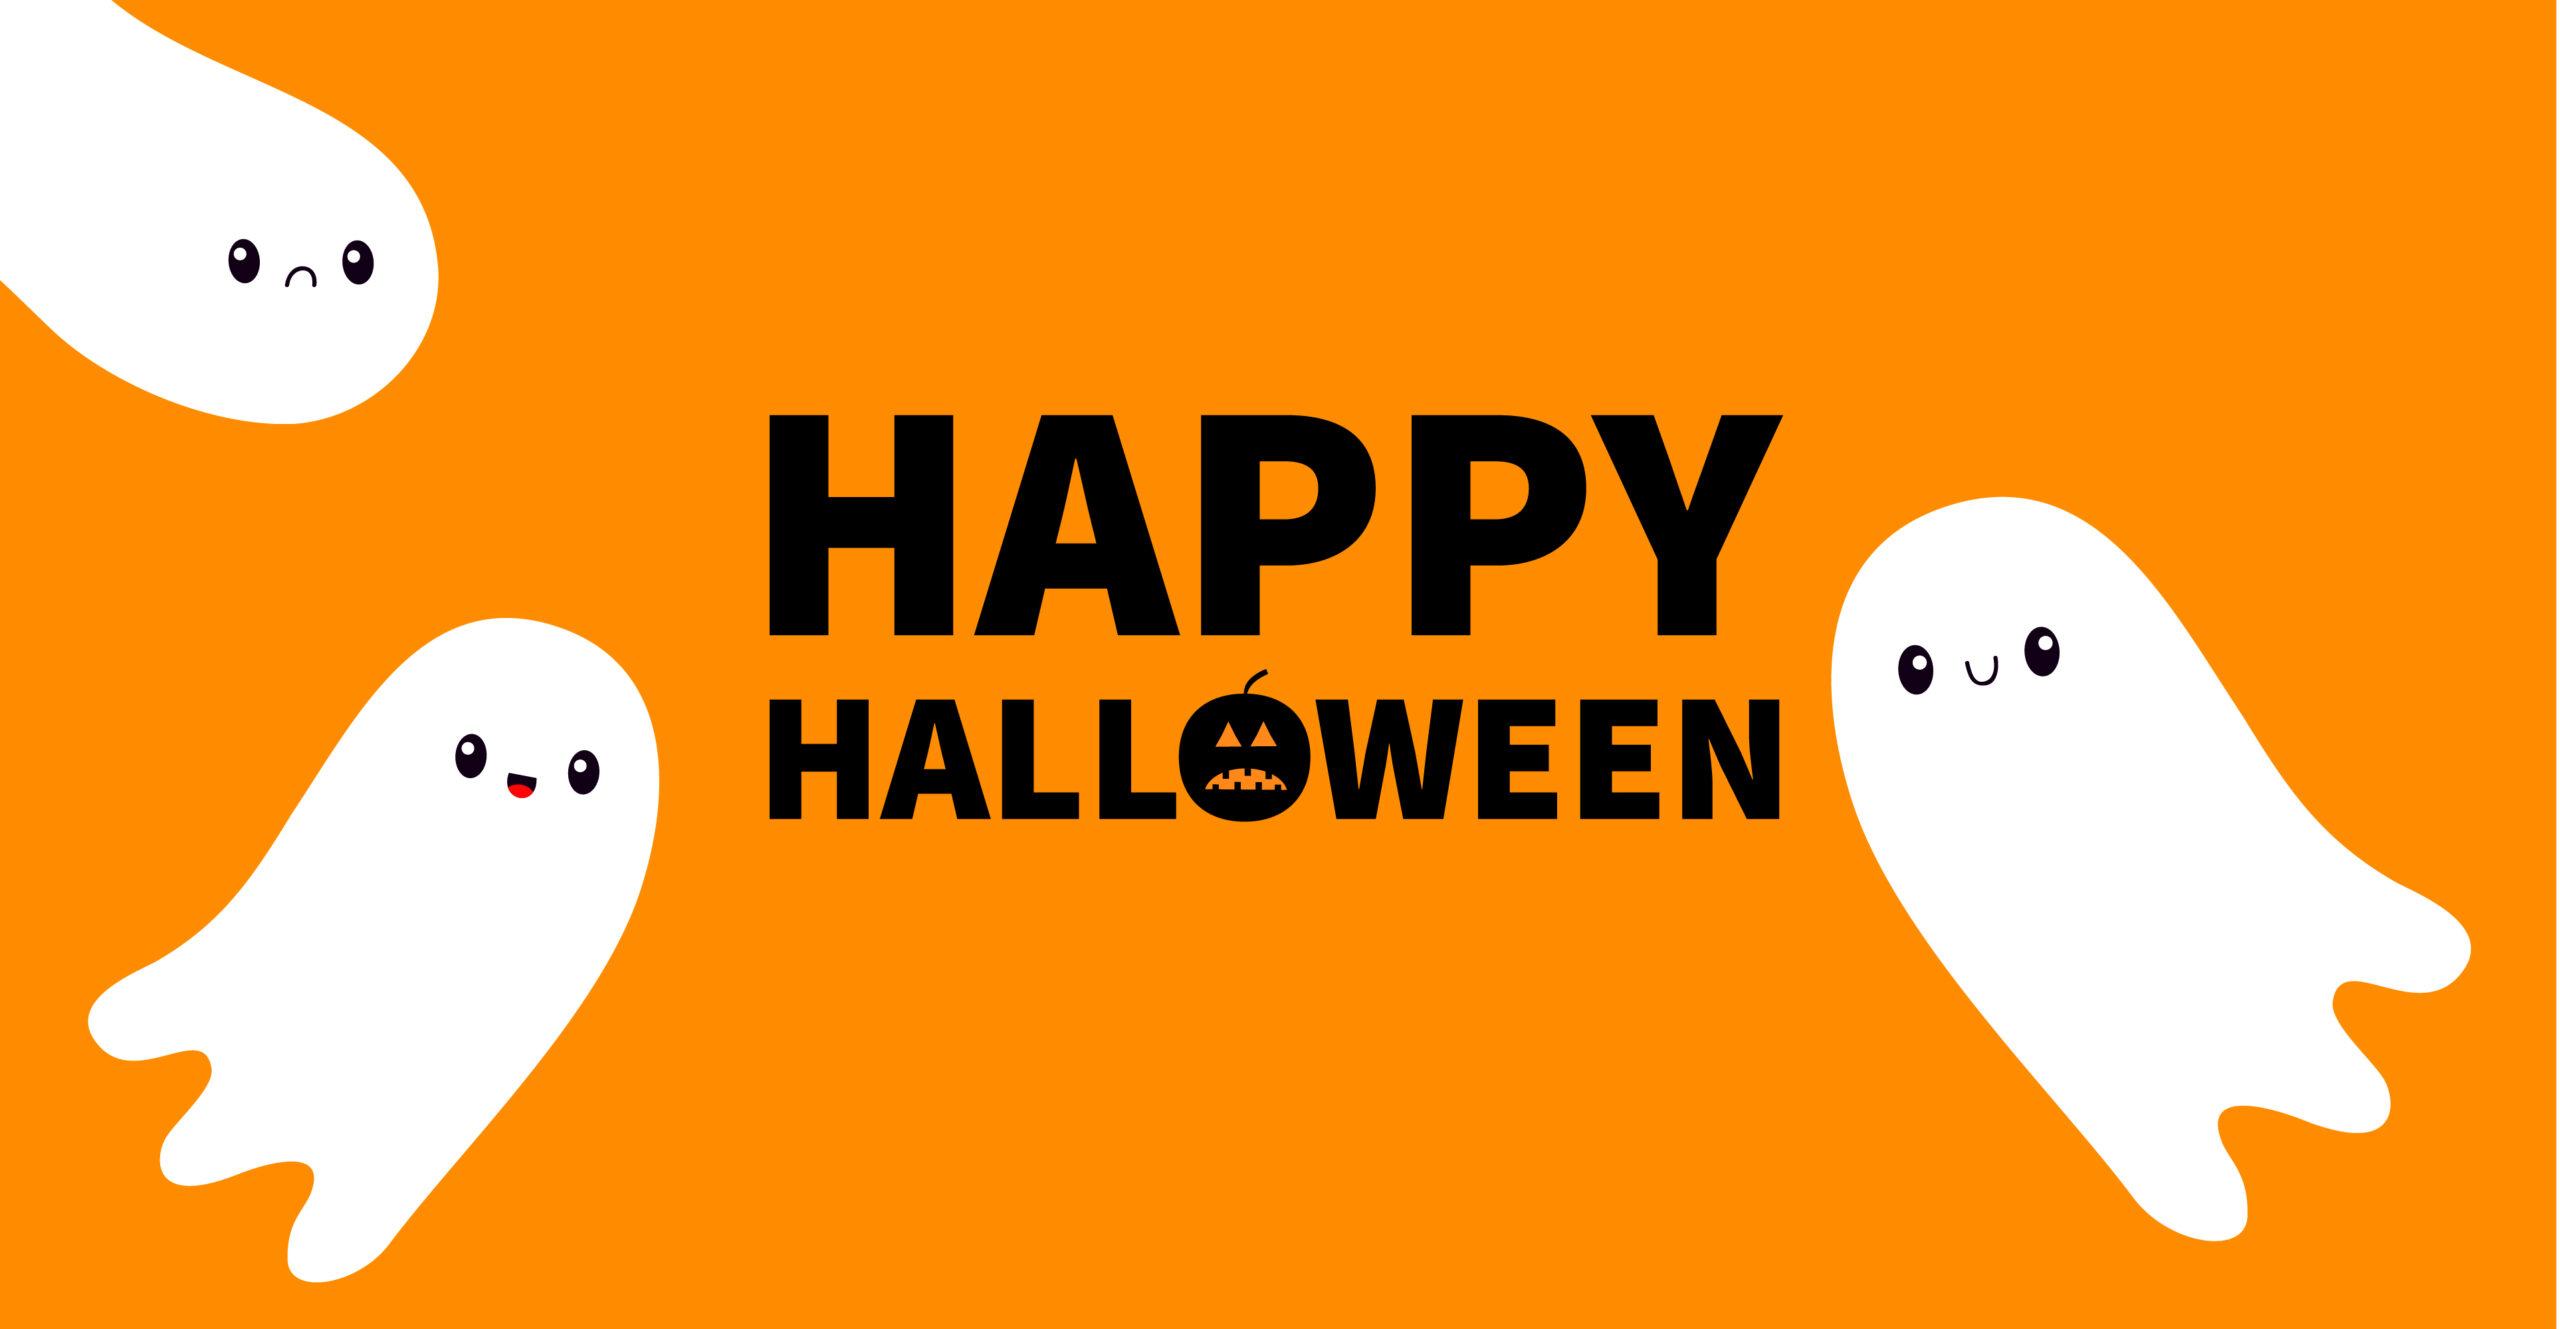 Happy Halloween ghosts graphics